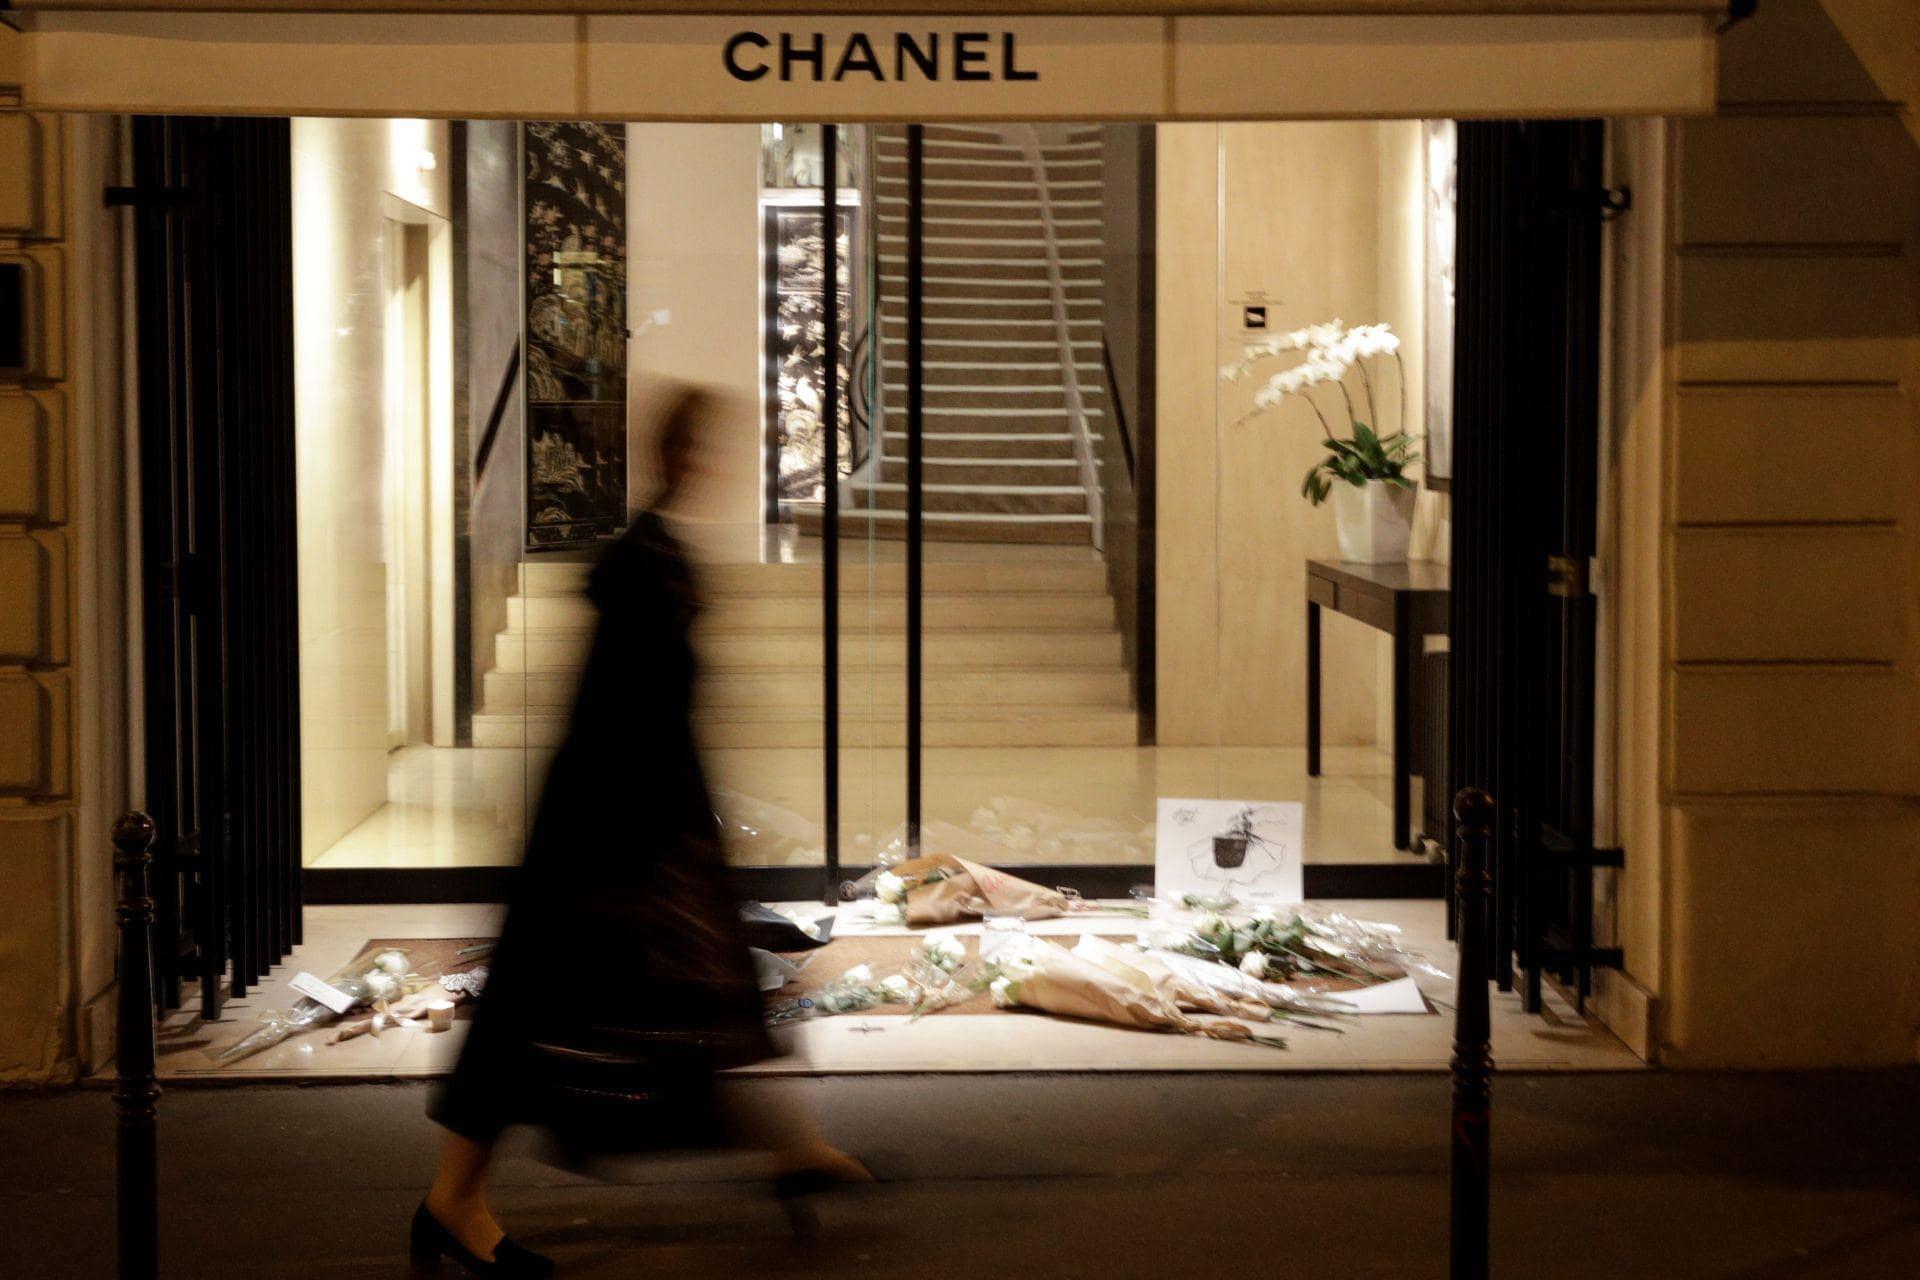 Người hâm mộ đau buồn, dâng hoa tưởng nhớ NTK Karl Lagerfeld tại cửa hàng của Chanel tại Paris - Ảnh 5.